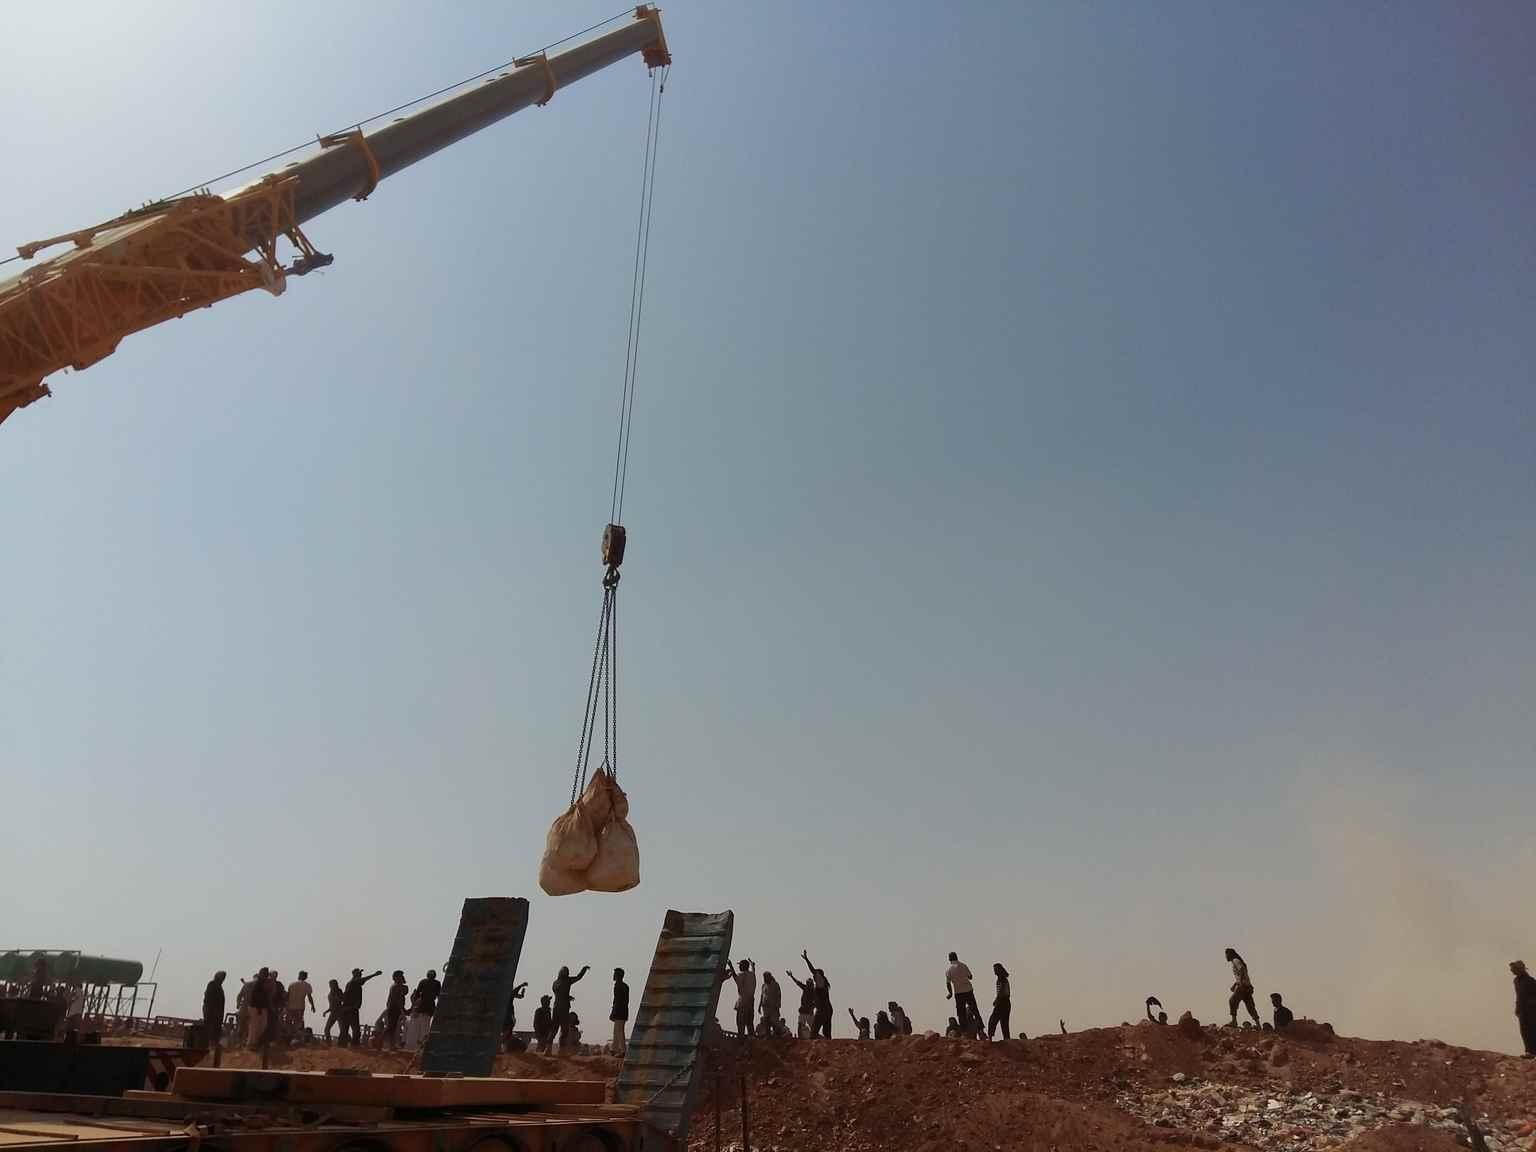 """حوصر أكثر من 75 ألف  سوري على الحدود الأردنية، غير قادرين على العبور،في ظل ظروف صحراوية قاسية، مع درجات حرارة تصل إلى 50 درجة وعواصف رملية مفاجئة، كان لديهم كمية محدودة من الغذاء وبالكاد  يوجد ماء يكفي للبقاء على قيد الحياة.  ومع إغلاق الحدود بين البلدين، لم تتمكن المساعدات من عبور الحدود لدخول المخيم. استخدمت """"يونيسيف"""" ووكالات الأمم المتحدة، رافعة لتقديم مواد الإغاثة العاجلة للرجال والنساء والأطفال على الجانب الآخر- آب 2016 (يونيسيف)"""